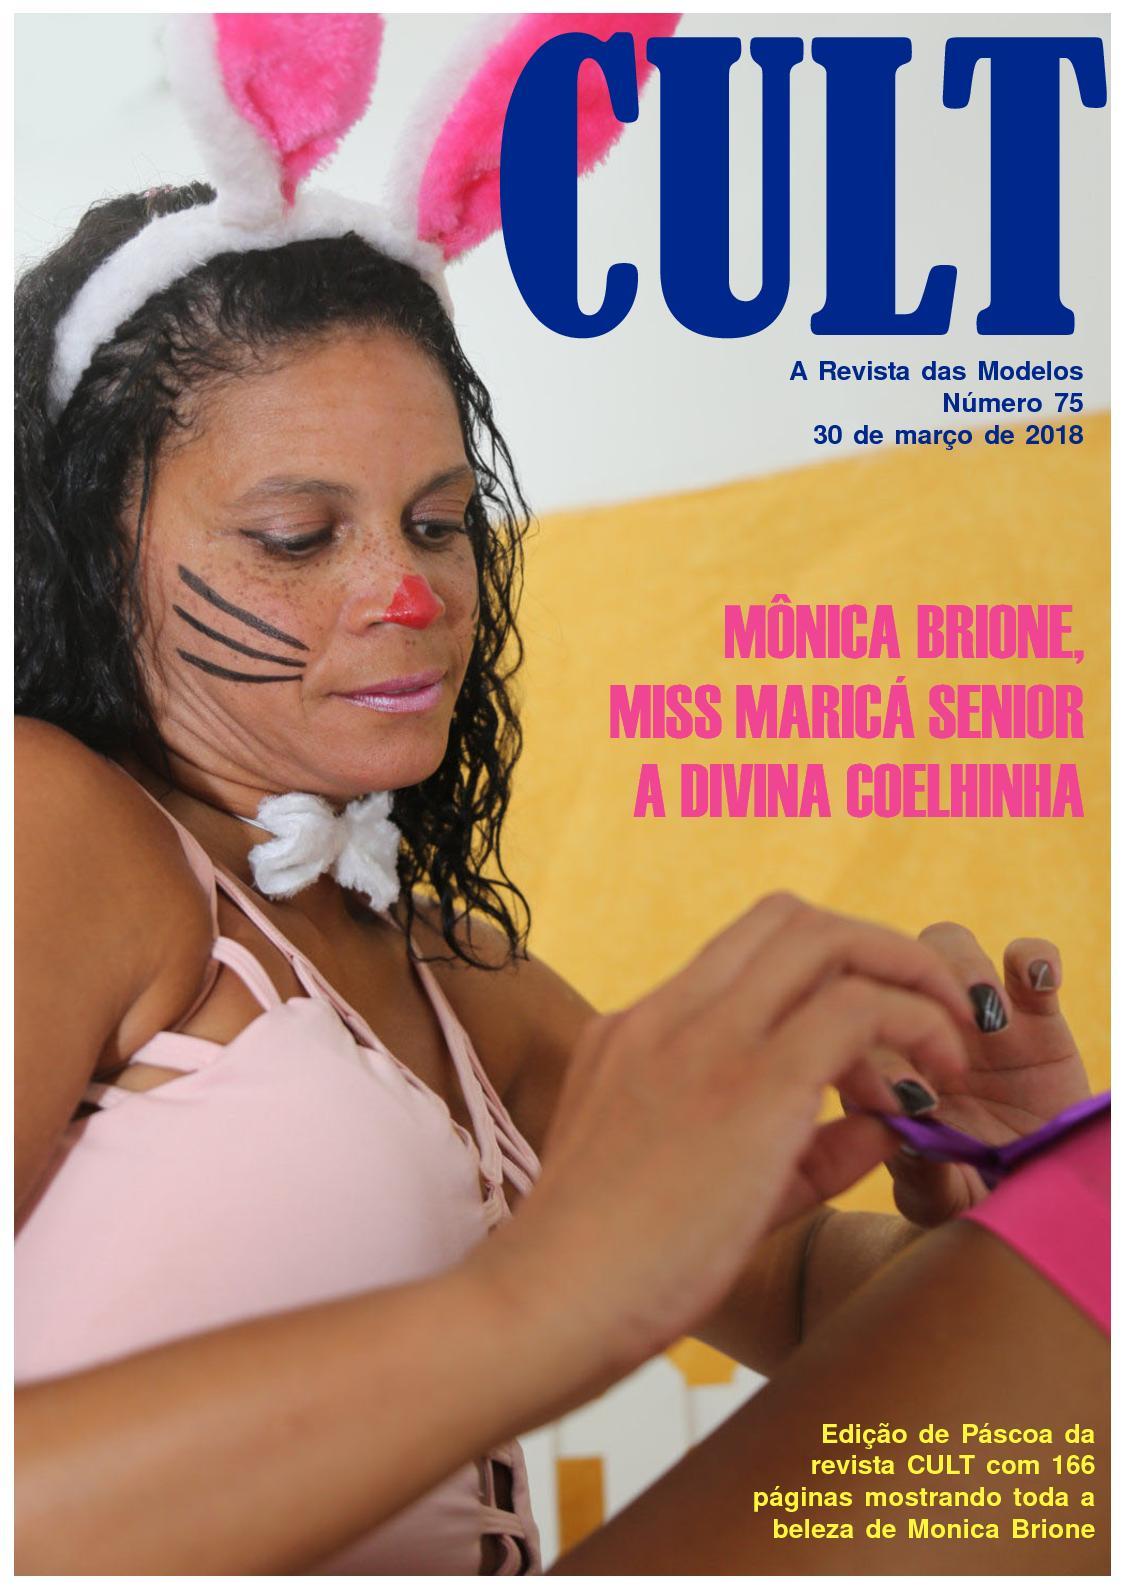 CULT 75, a revista das modelos - MONICA BRIONE, a divina coelhinha